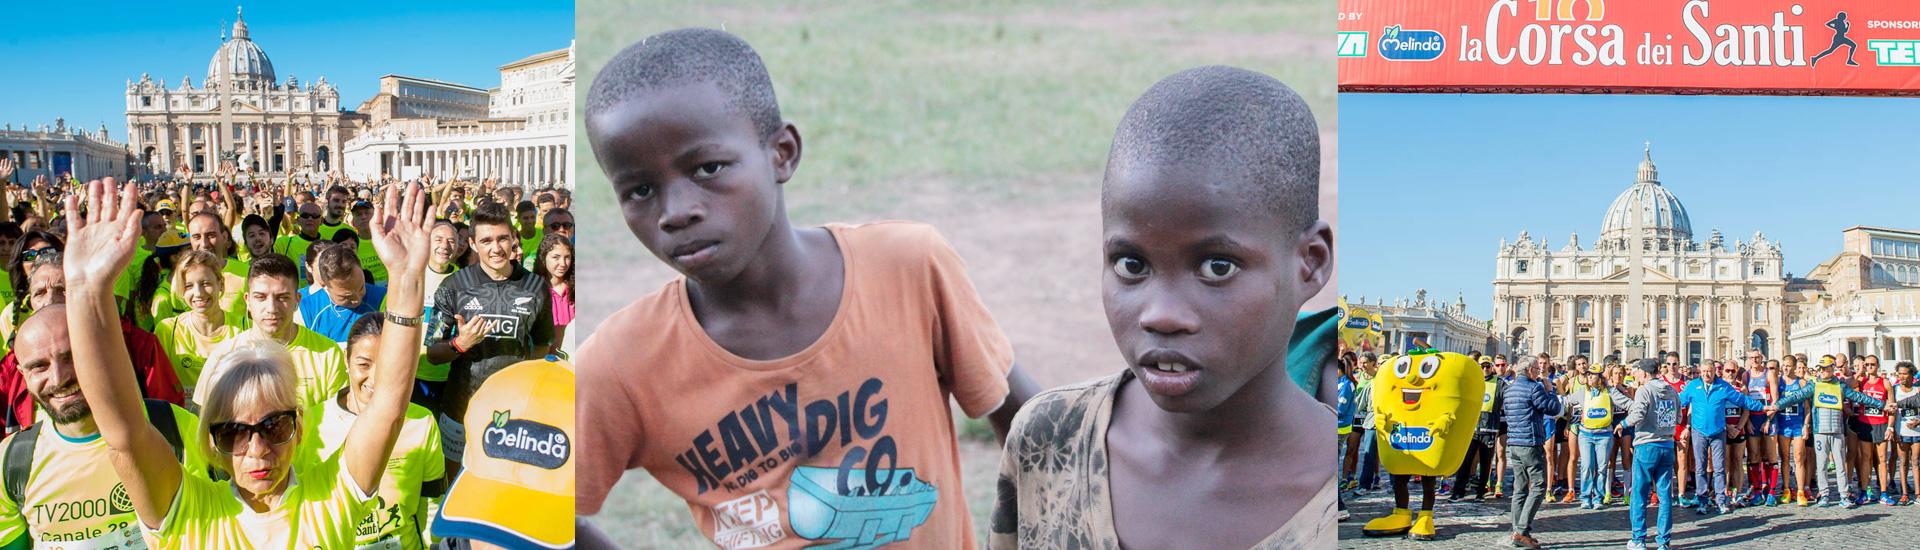 Carrera de los Santos en Roma para luchar contra el tráfico infantil